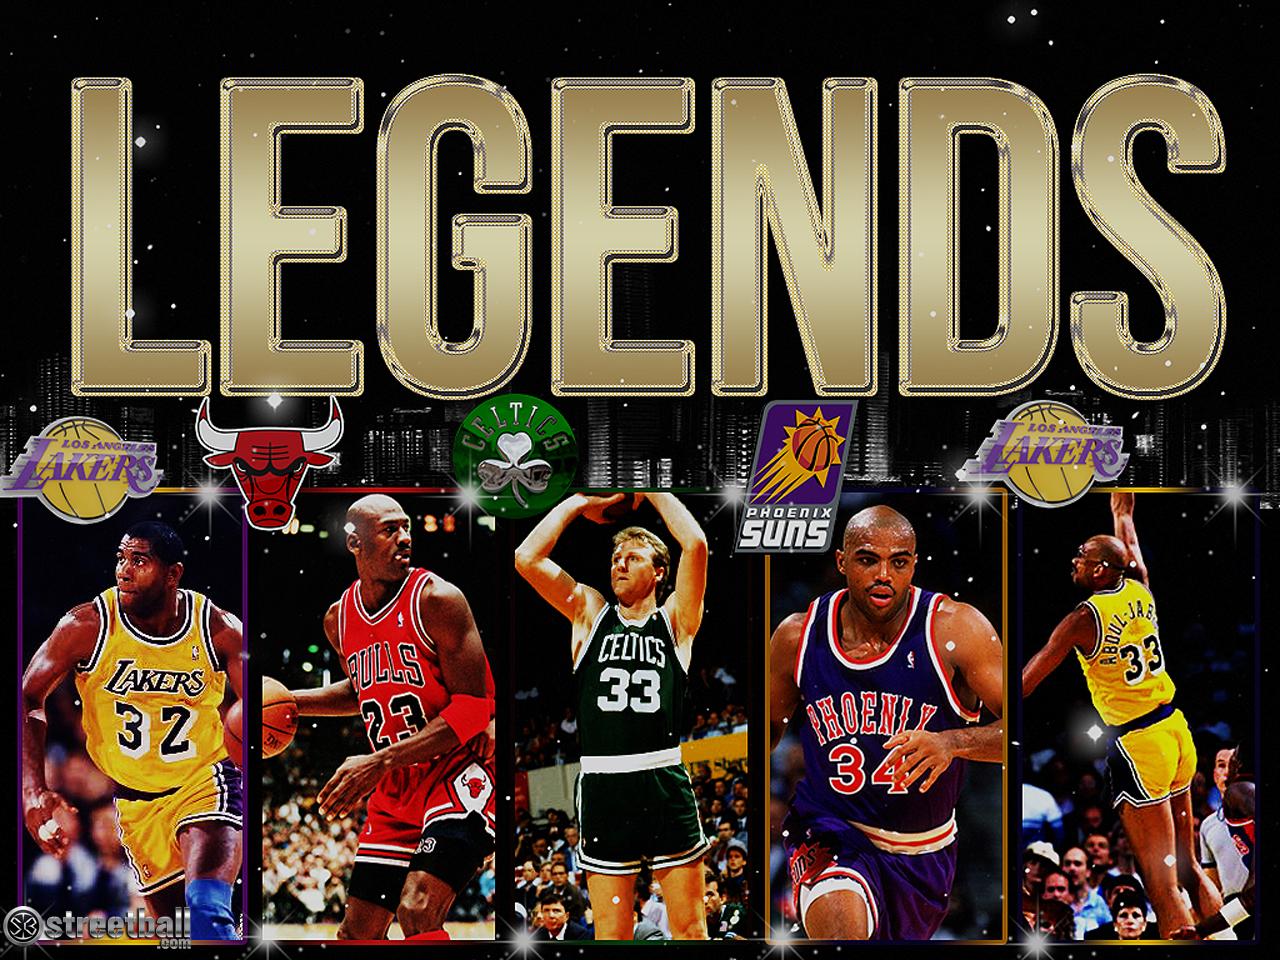 Charles Barkley Legends Basketball Wallpaper Basketball Players Nba Nba Basketball Nba Legends